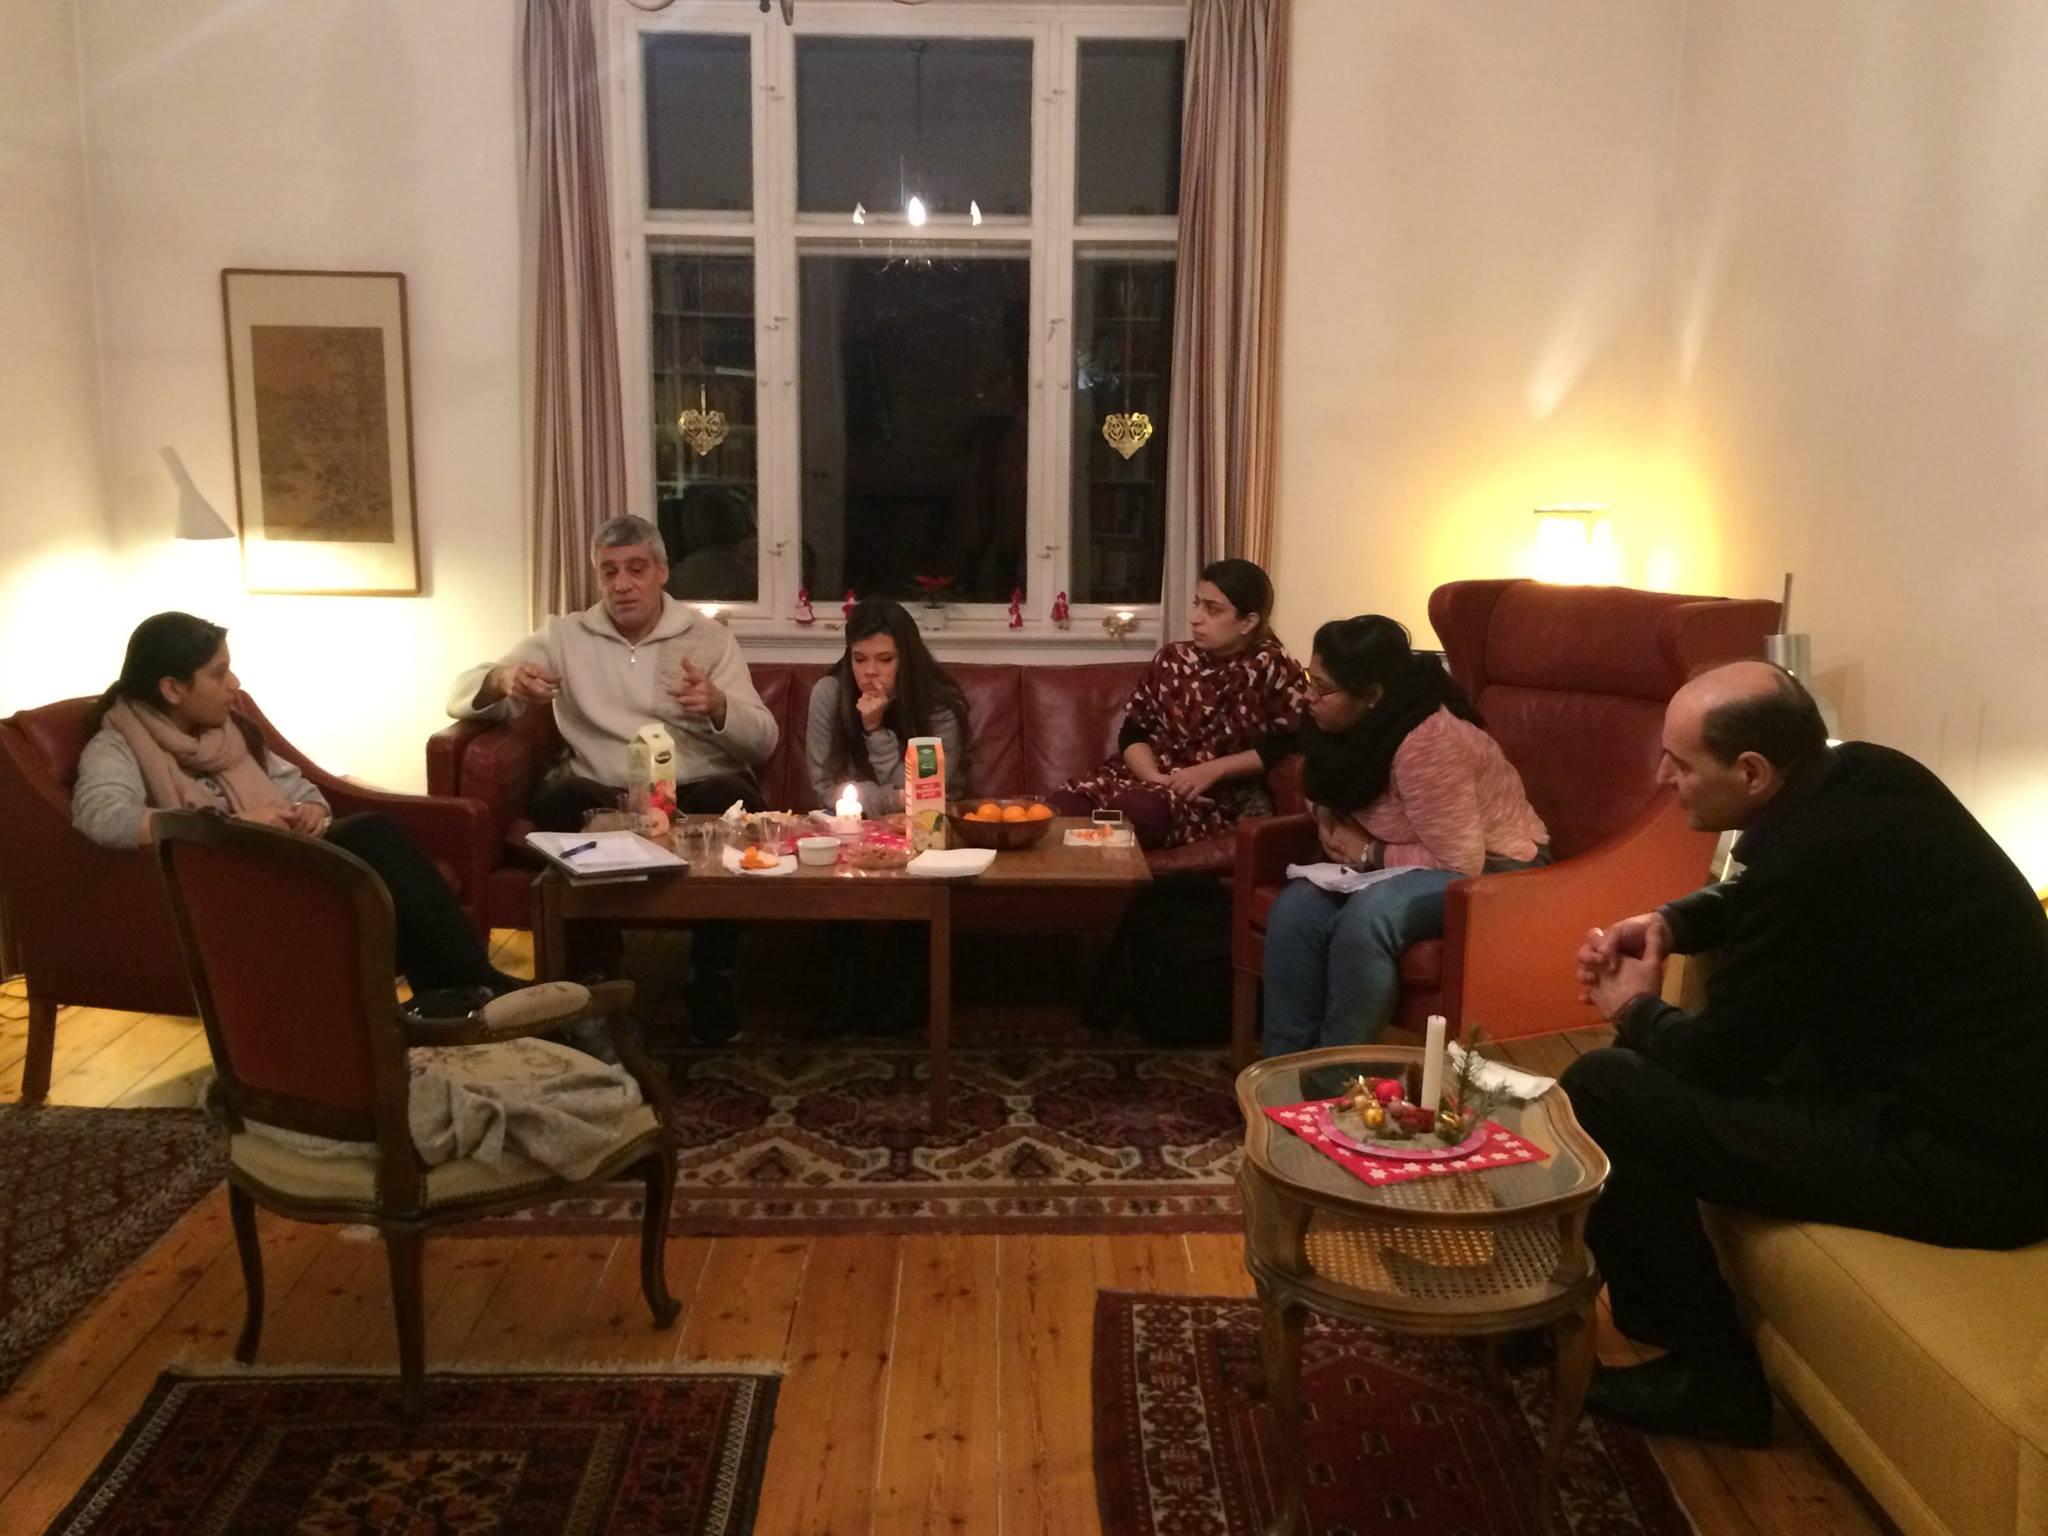 """Cafémøde mandag d. 18. december 2017. Temaet var """"Hvad er en tillidsrepræsentant og hvad kan man bruge dem til?"""".Efterfølgende fik vi et spændende indblik i hvilke arbejdsforhold de har arbejdet under i bl.a. Syrien og Pakistan."""